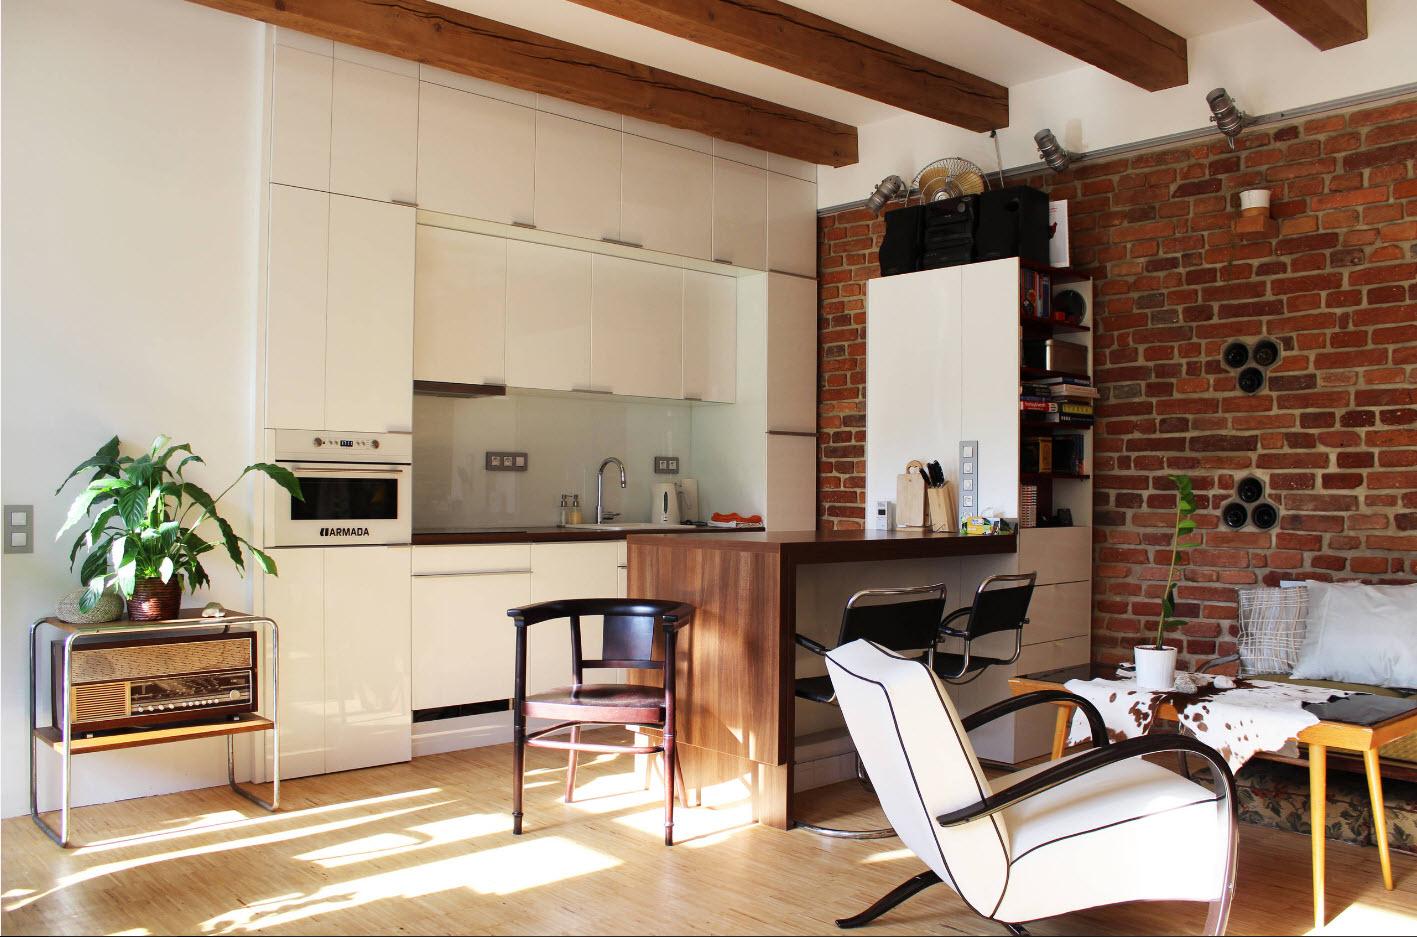 оформление стен в кухне гостиной кирпичом сравнению